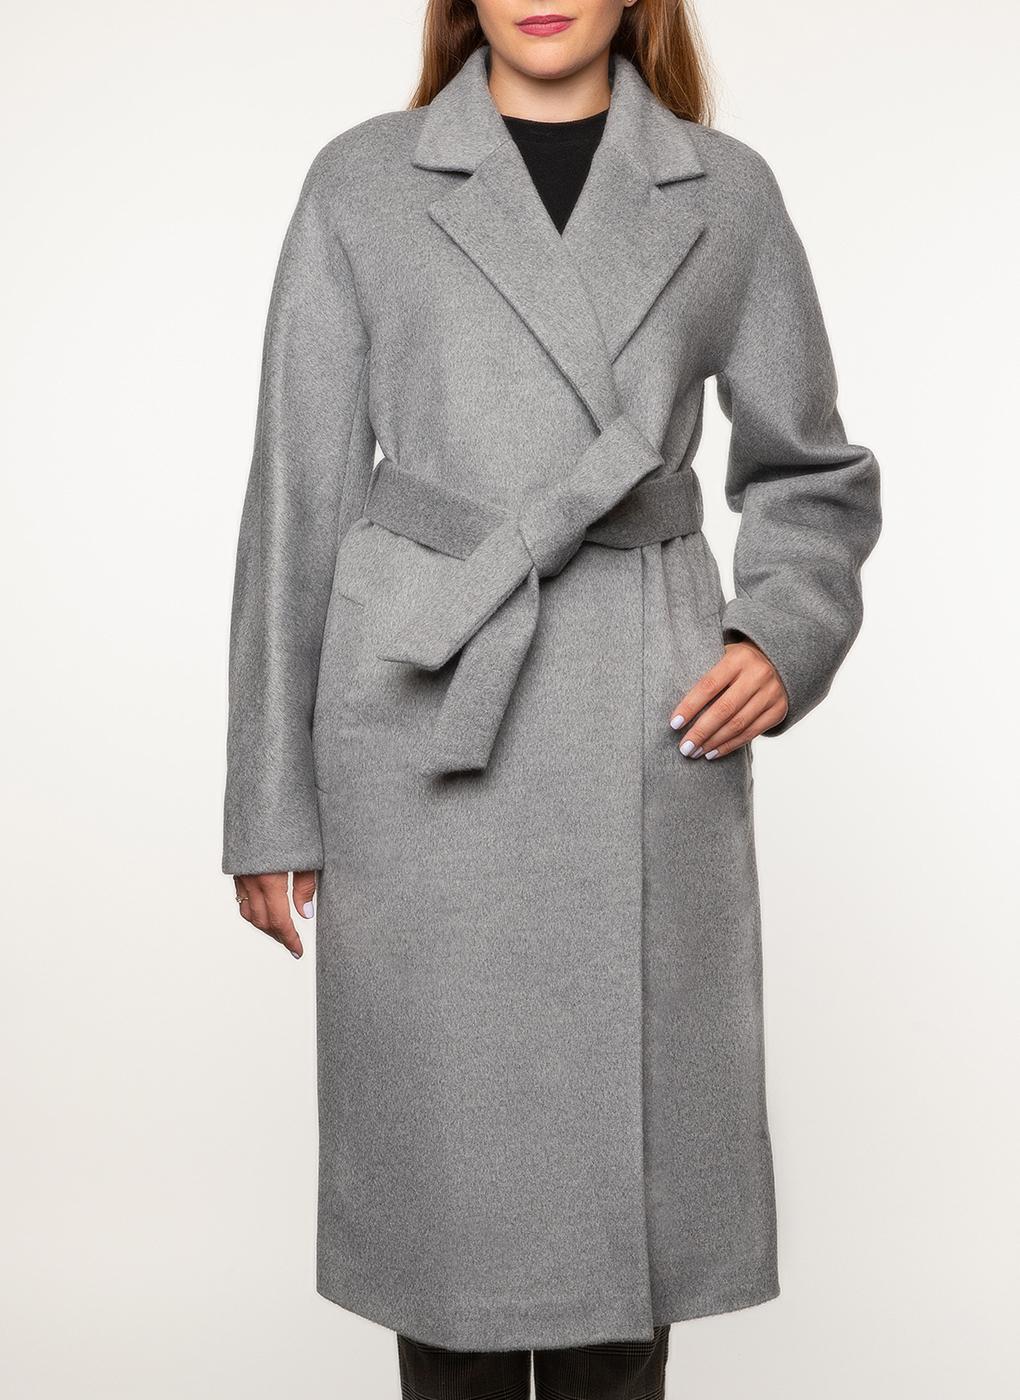 Пальто полушерстяное 172, КАЛЯЕВ фото